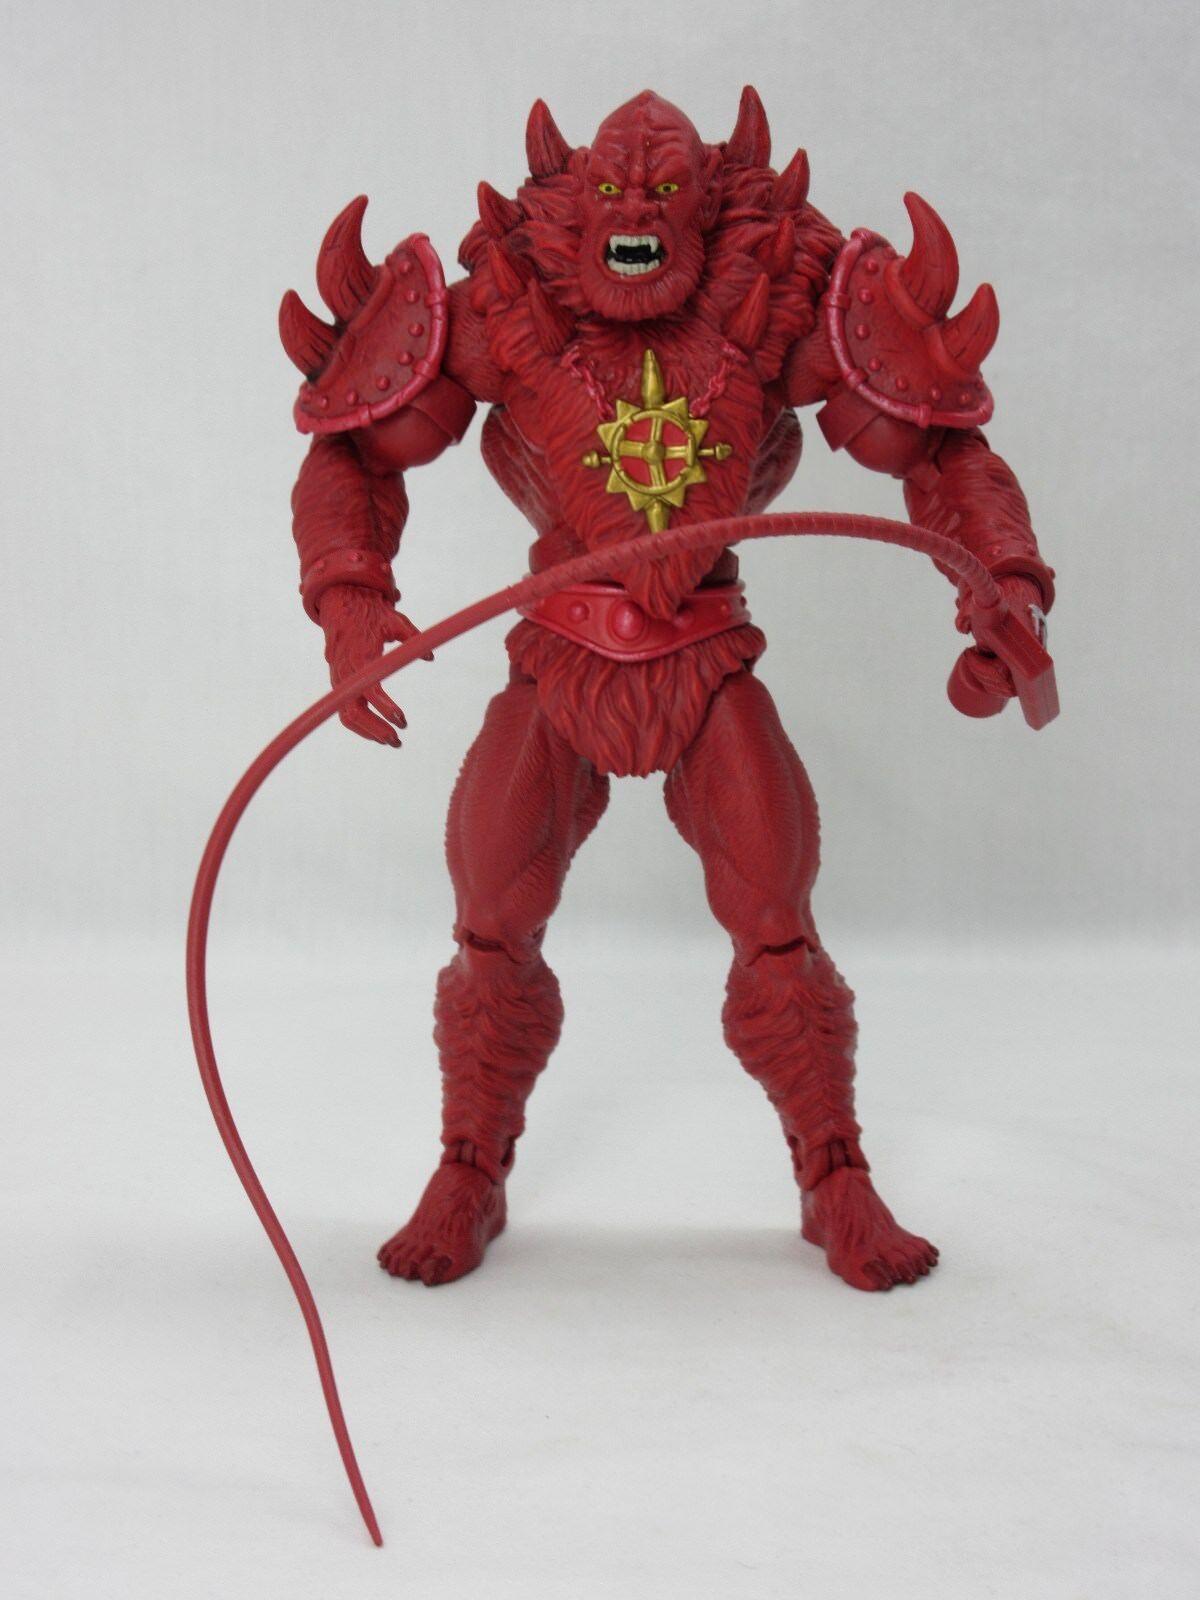 Motuc, Amos del Universo, Rojo Beast Man, Amos del universo clásicos, 100% completo, él hombre